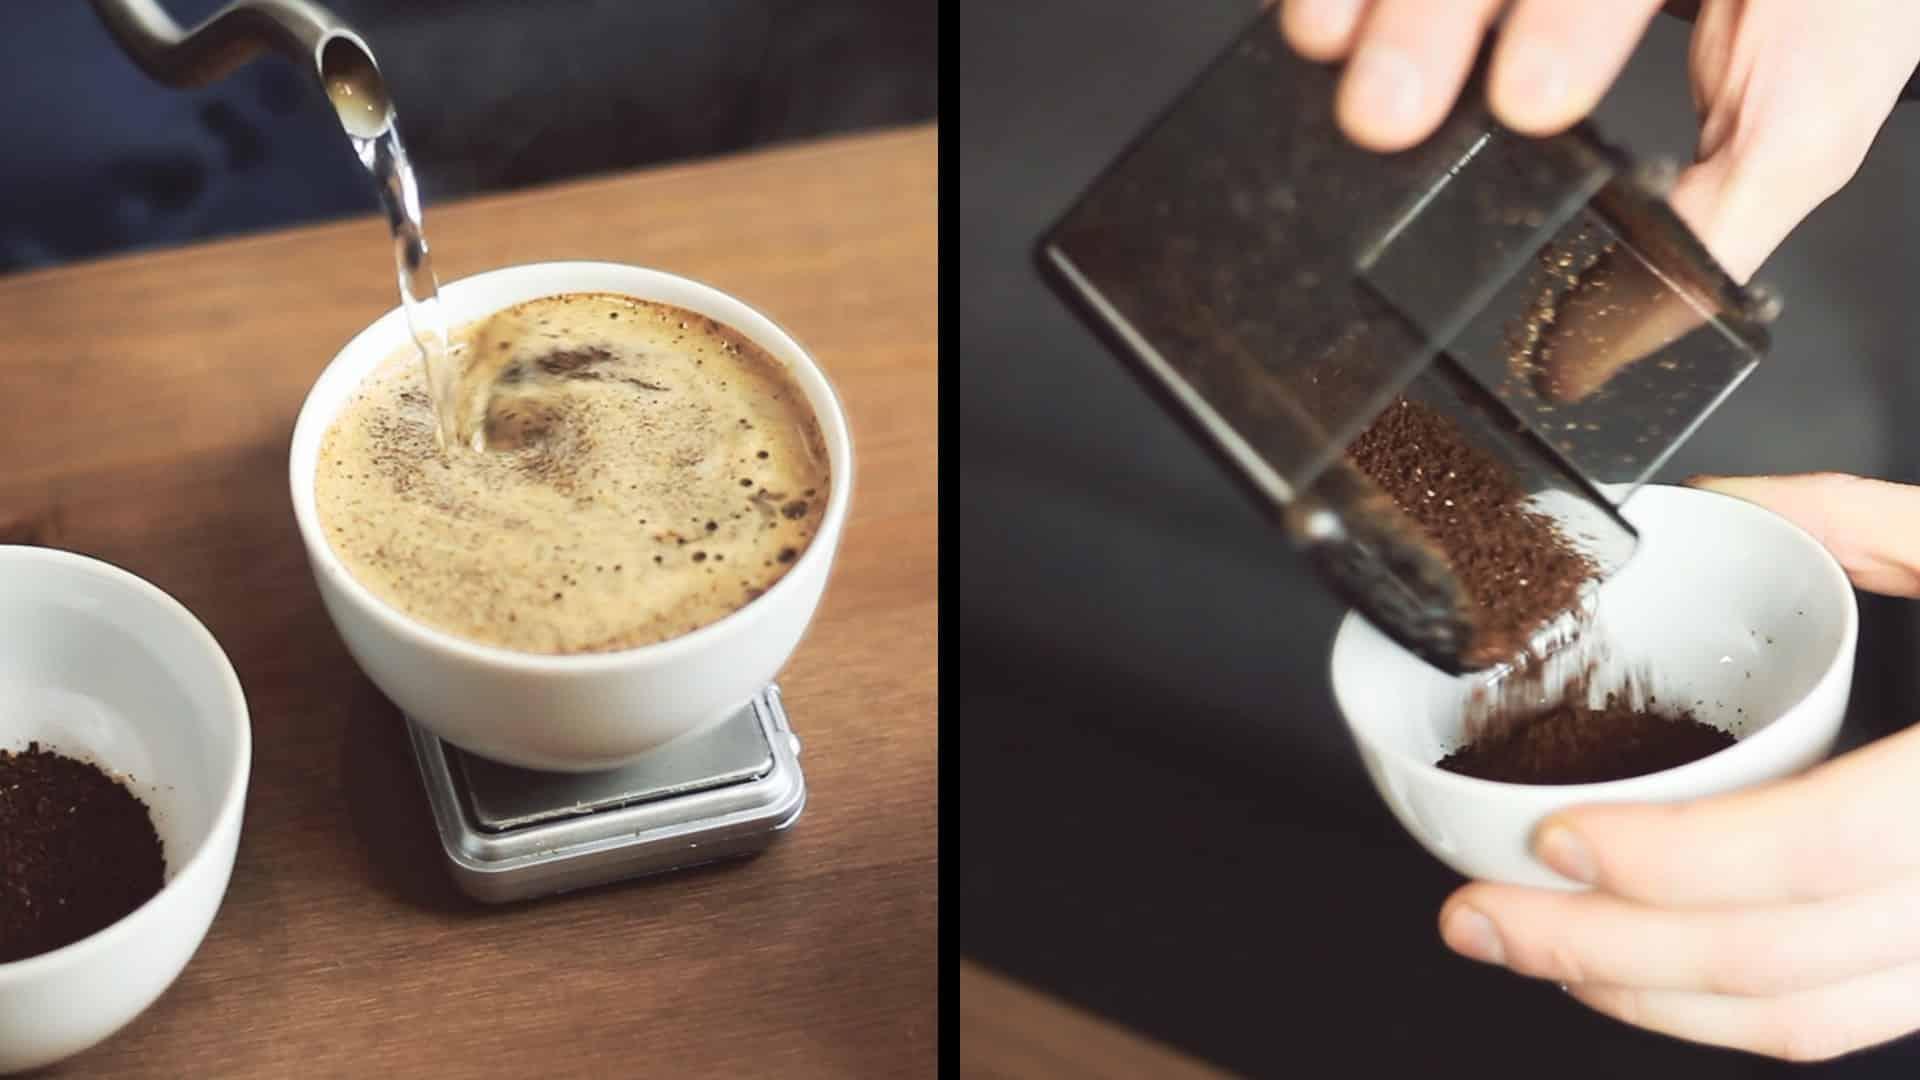 Jak przechowywać mieloną kawę? Mrozić z lodówce lub zamrażarce?